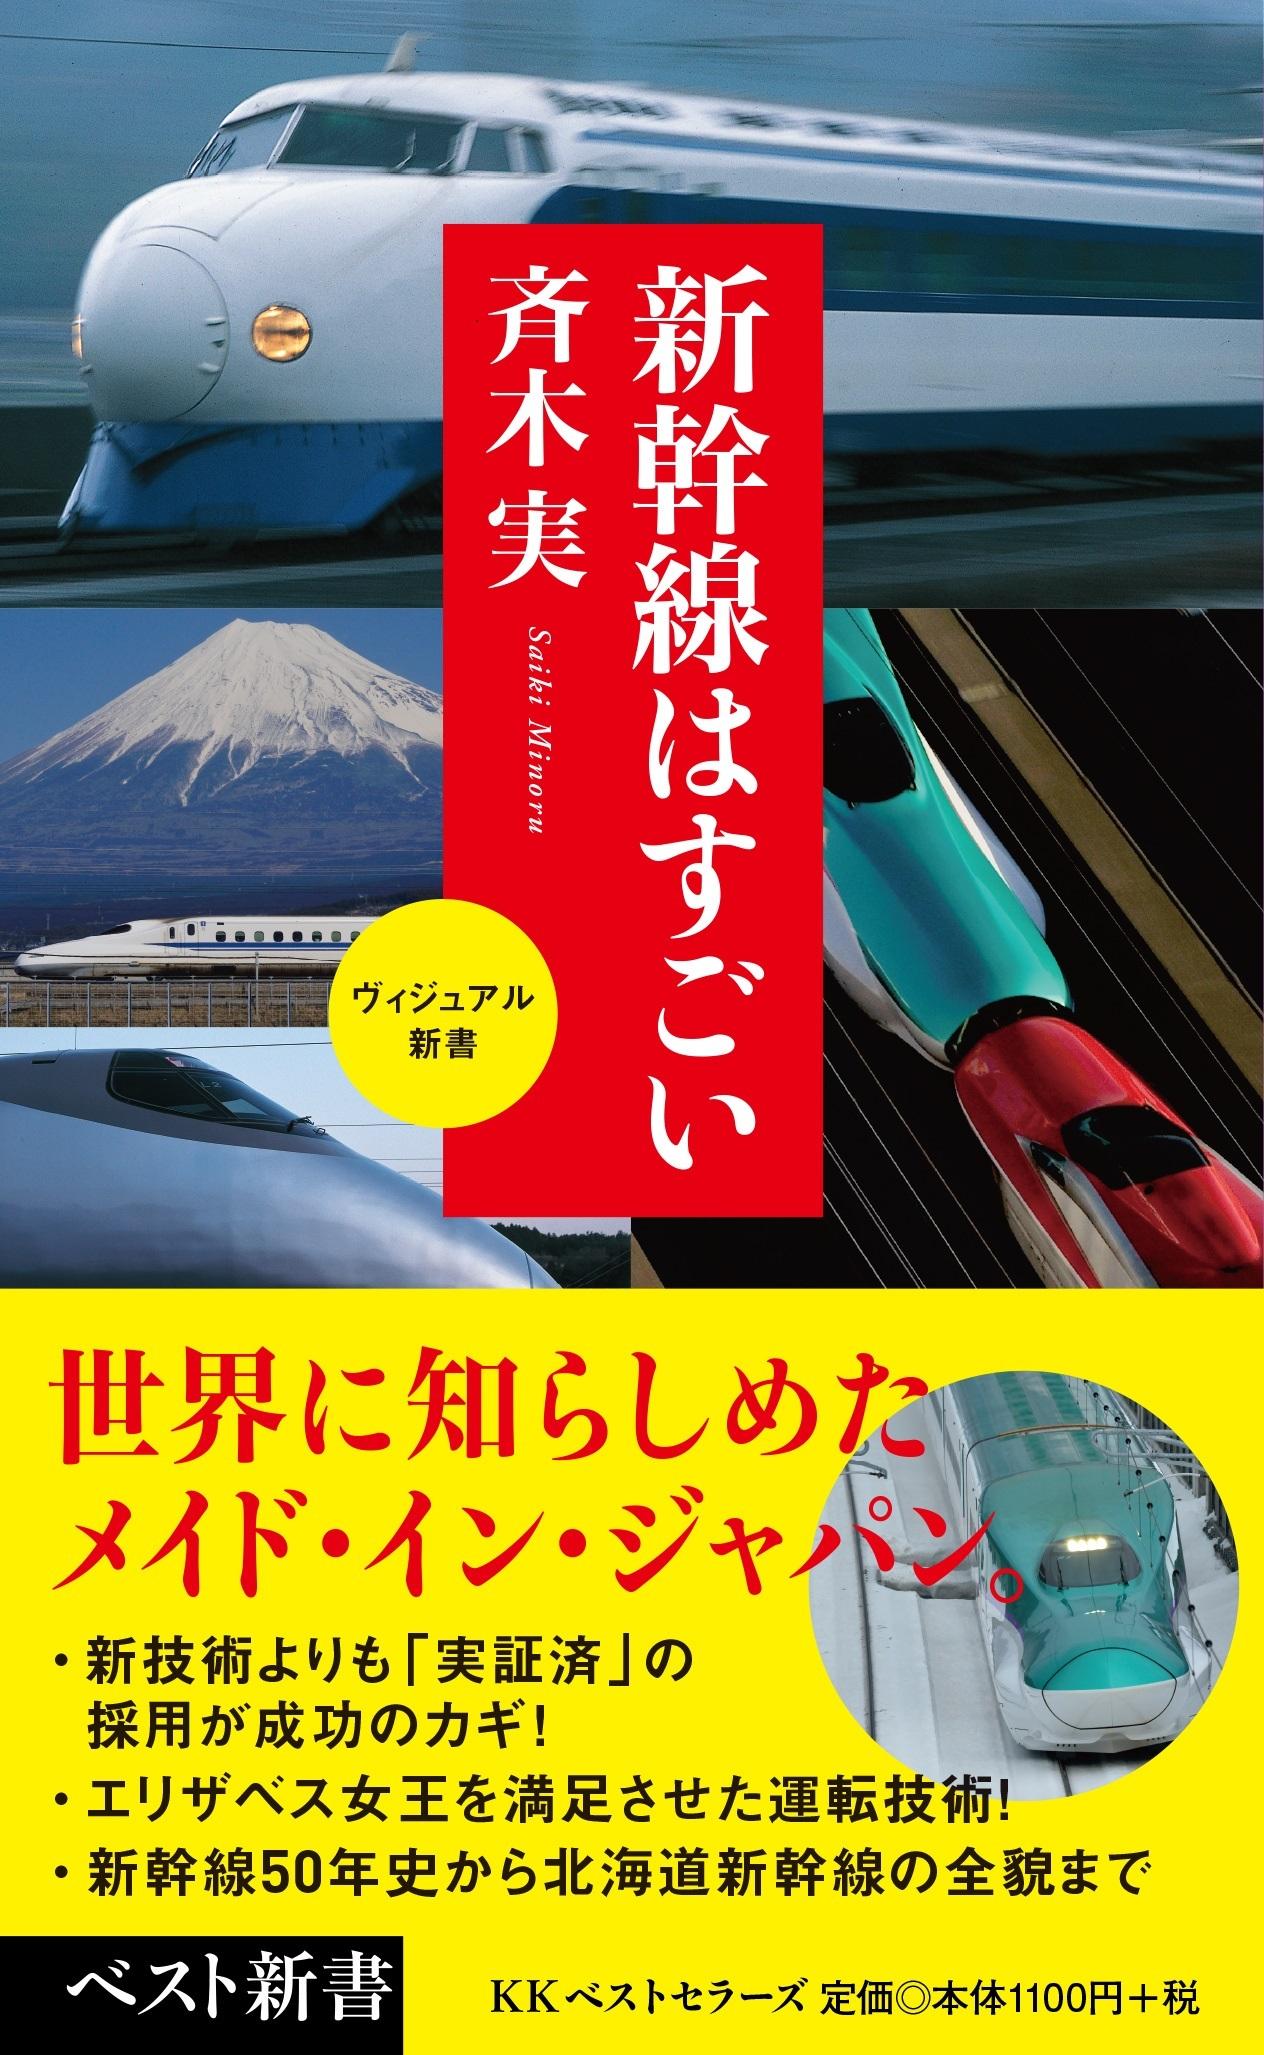 『新幹線はすごい』が「旅の手帖」にて、紹介されました。